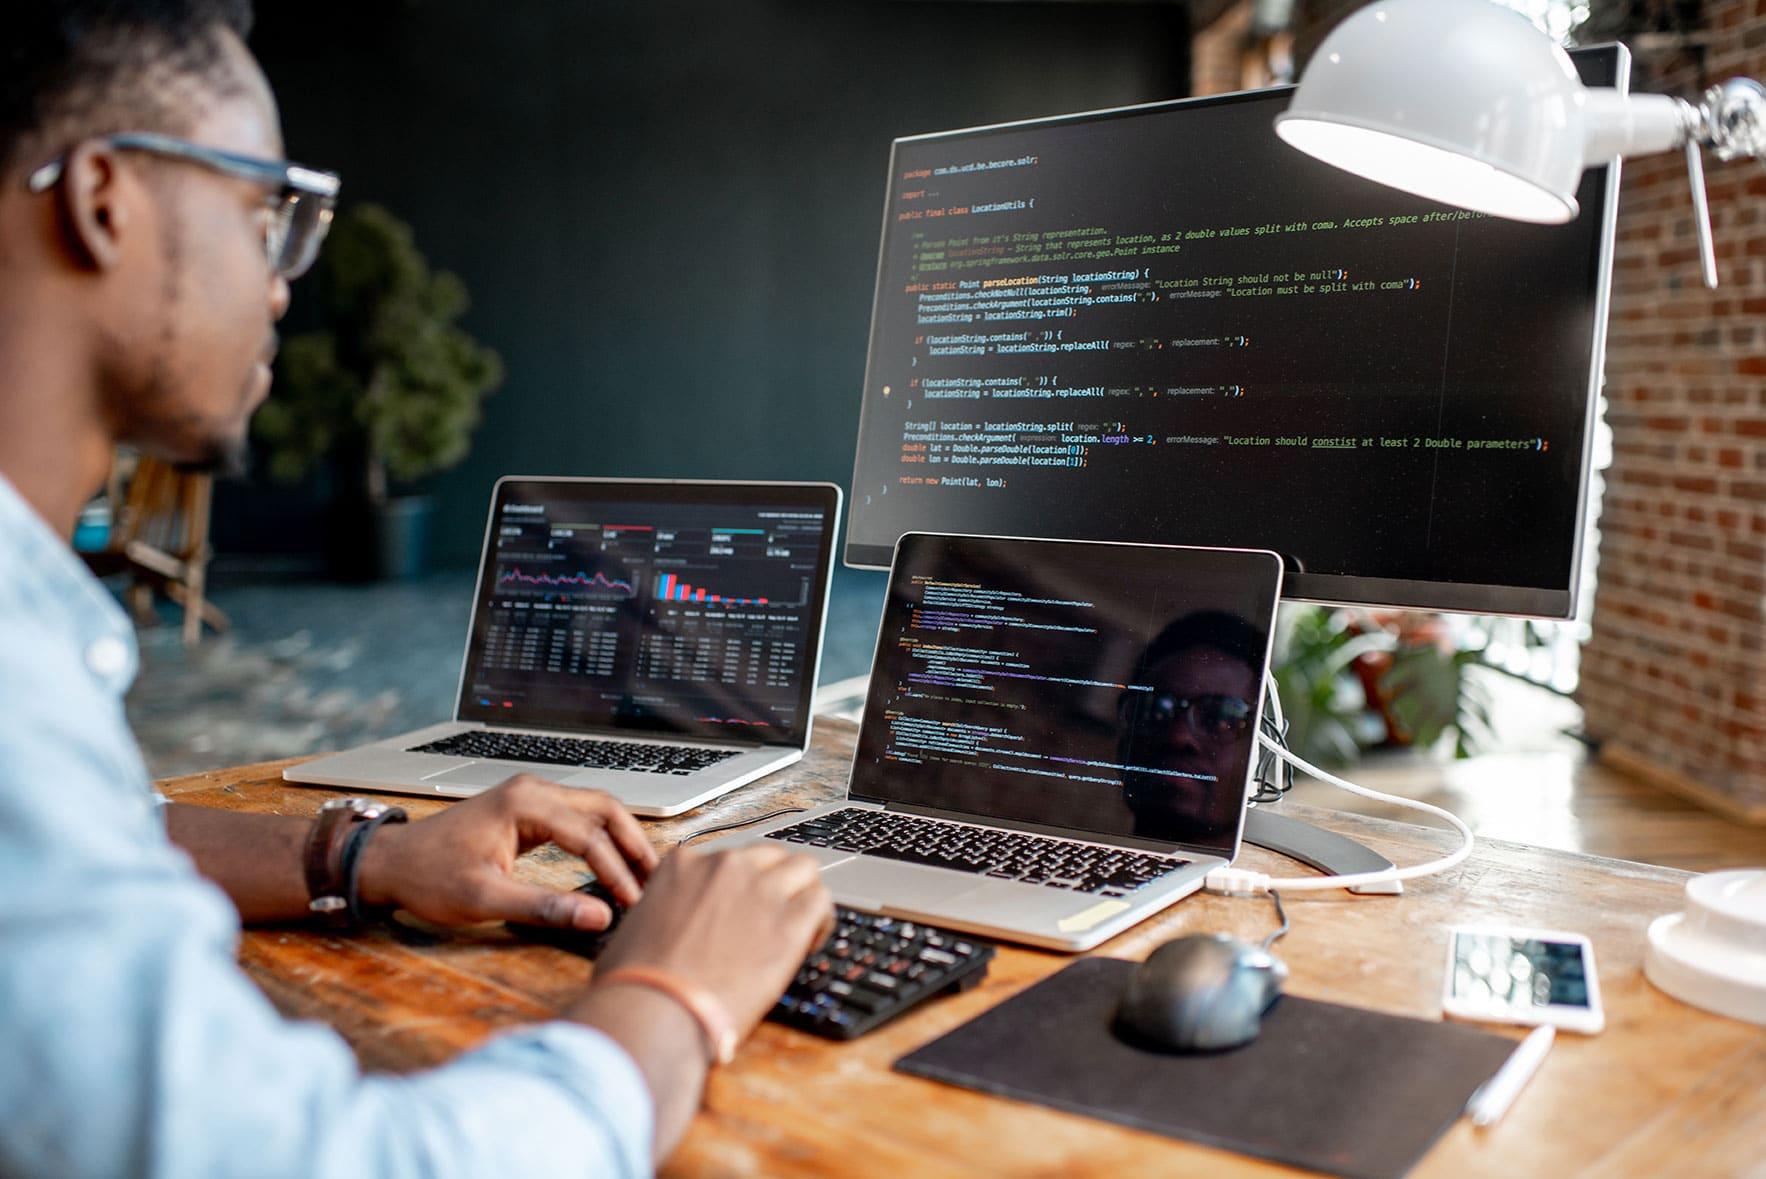 Devenir un développeur web: formation, compétences et qualités